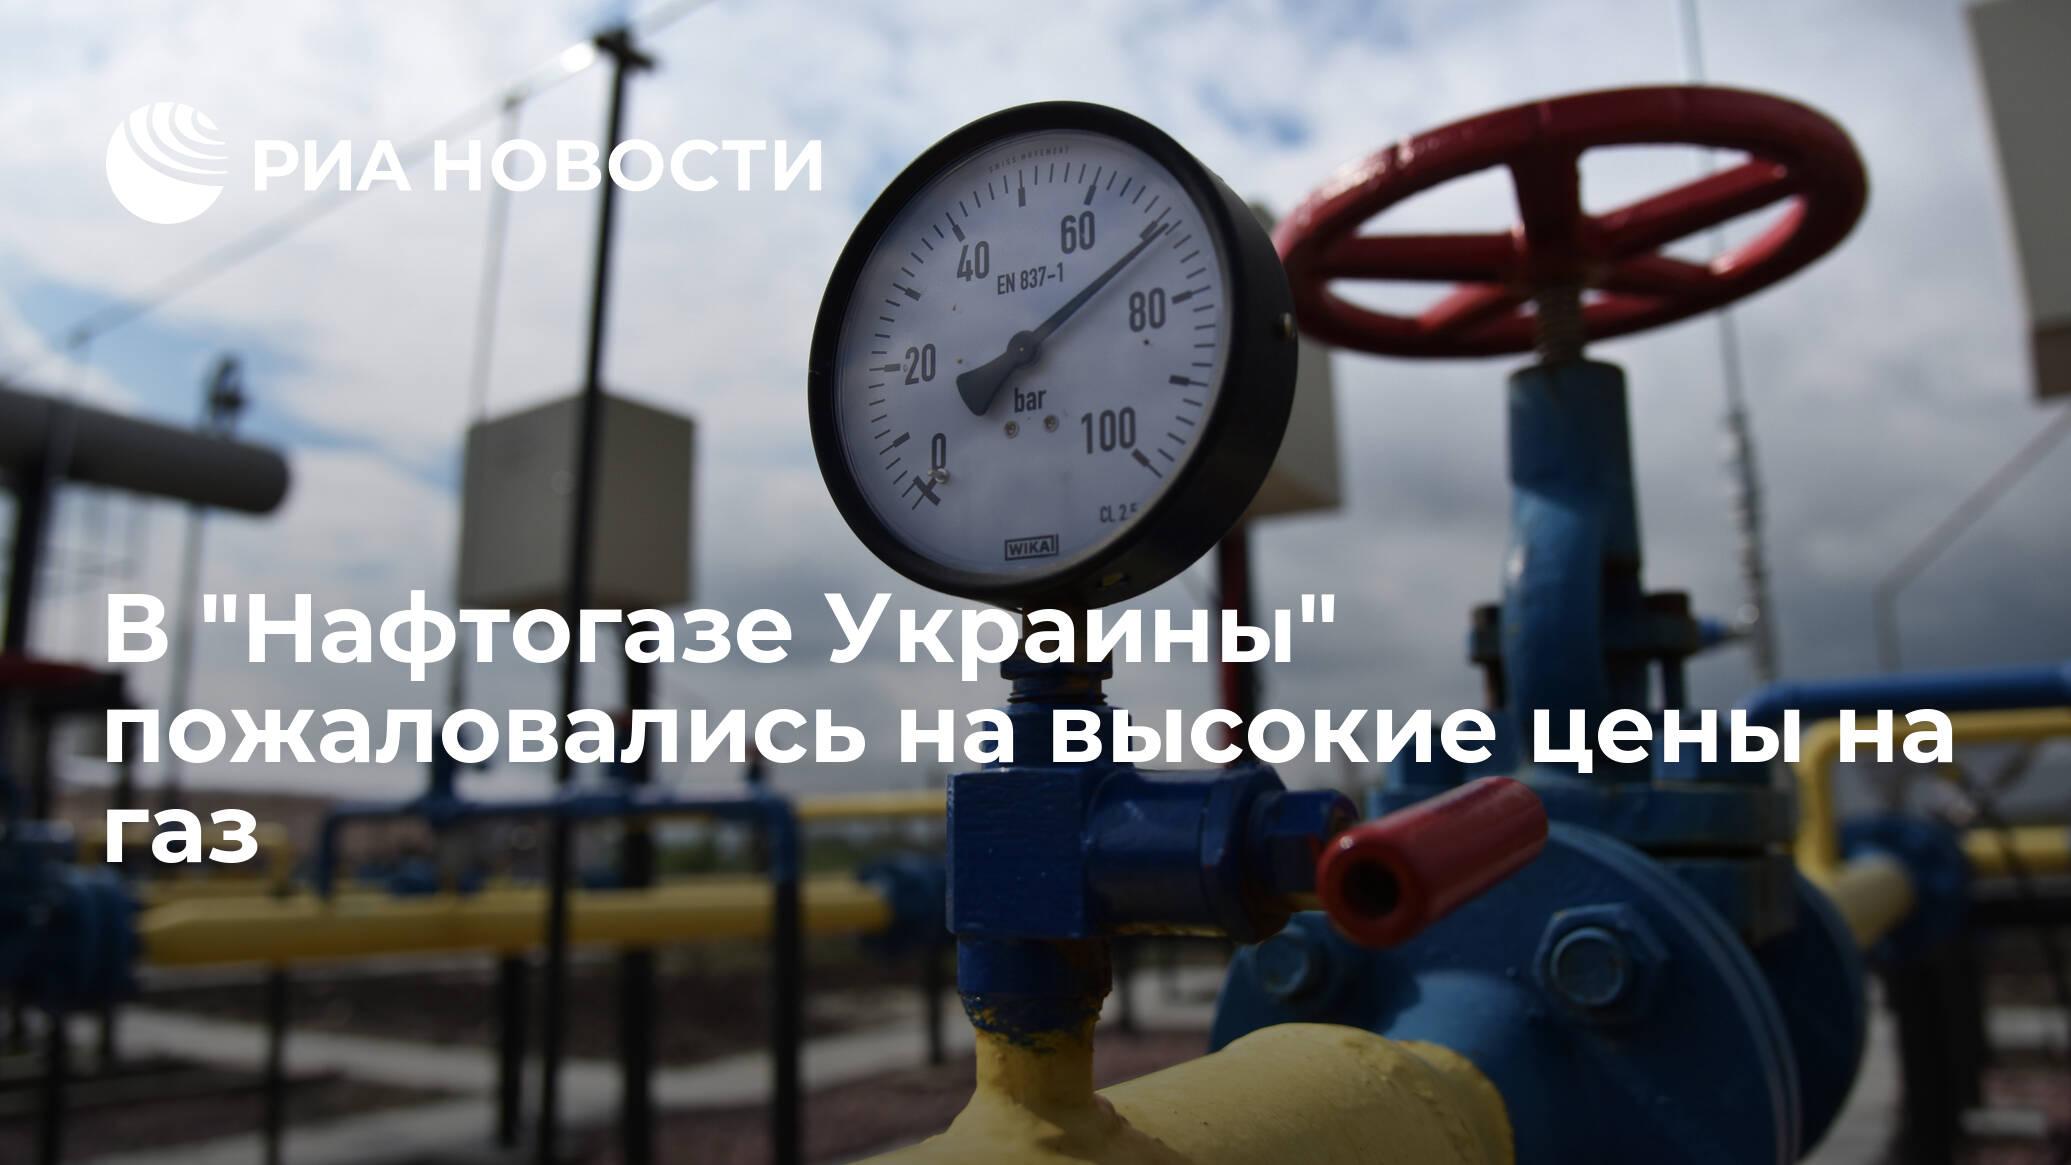 В 'Нафтогазе Украины' пожаловались на высокие цены на газ